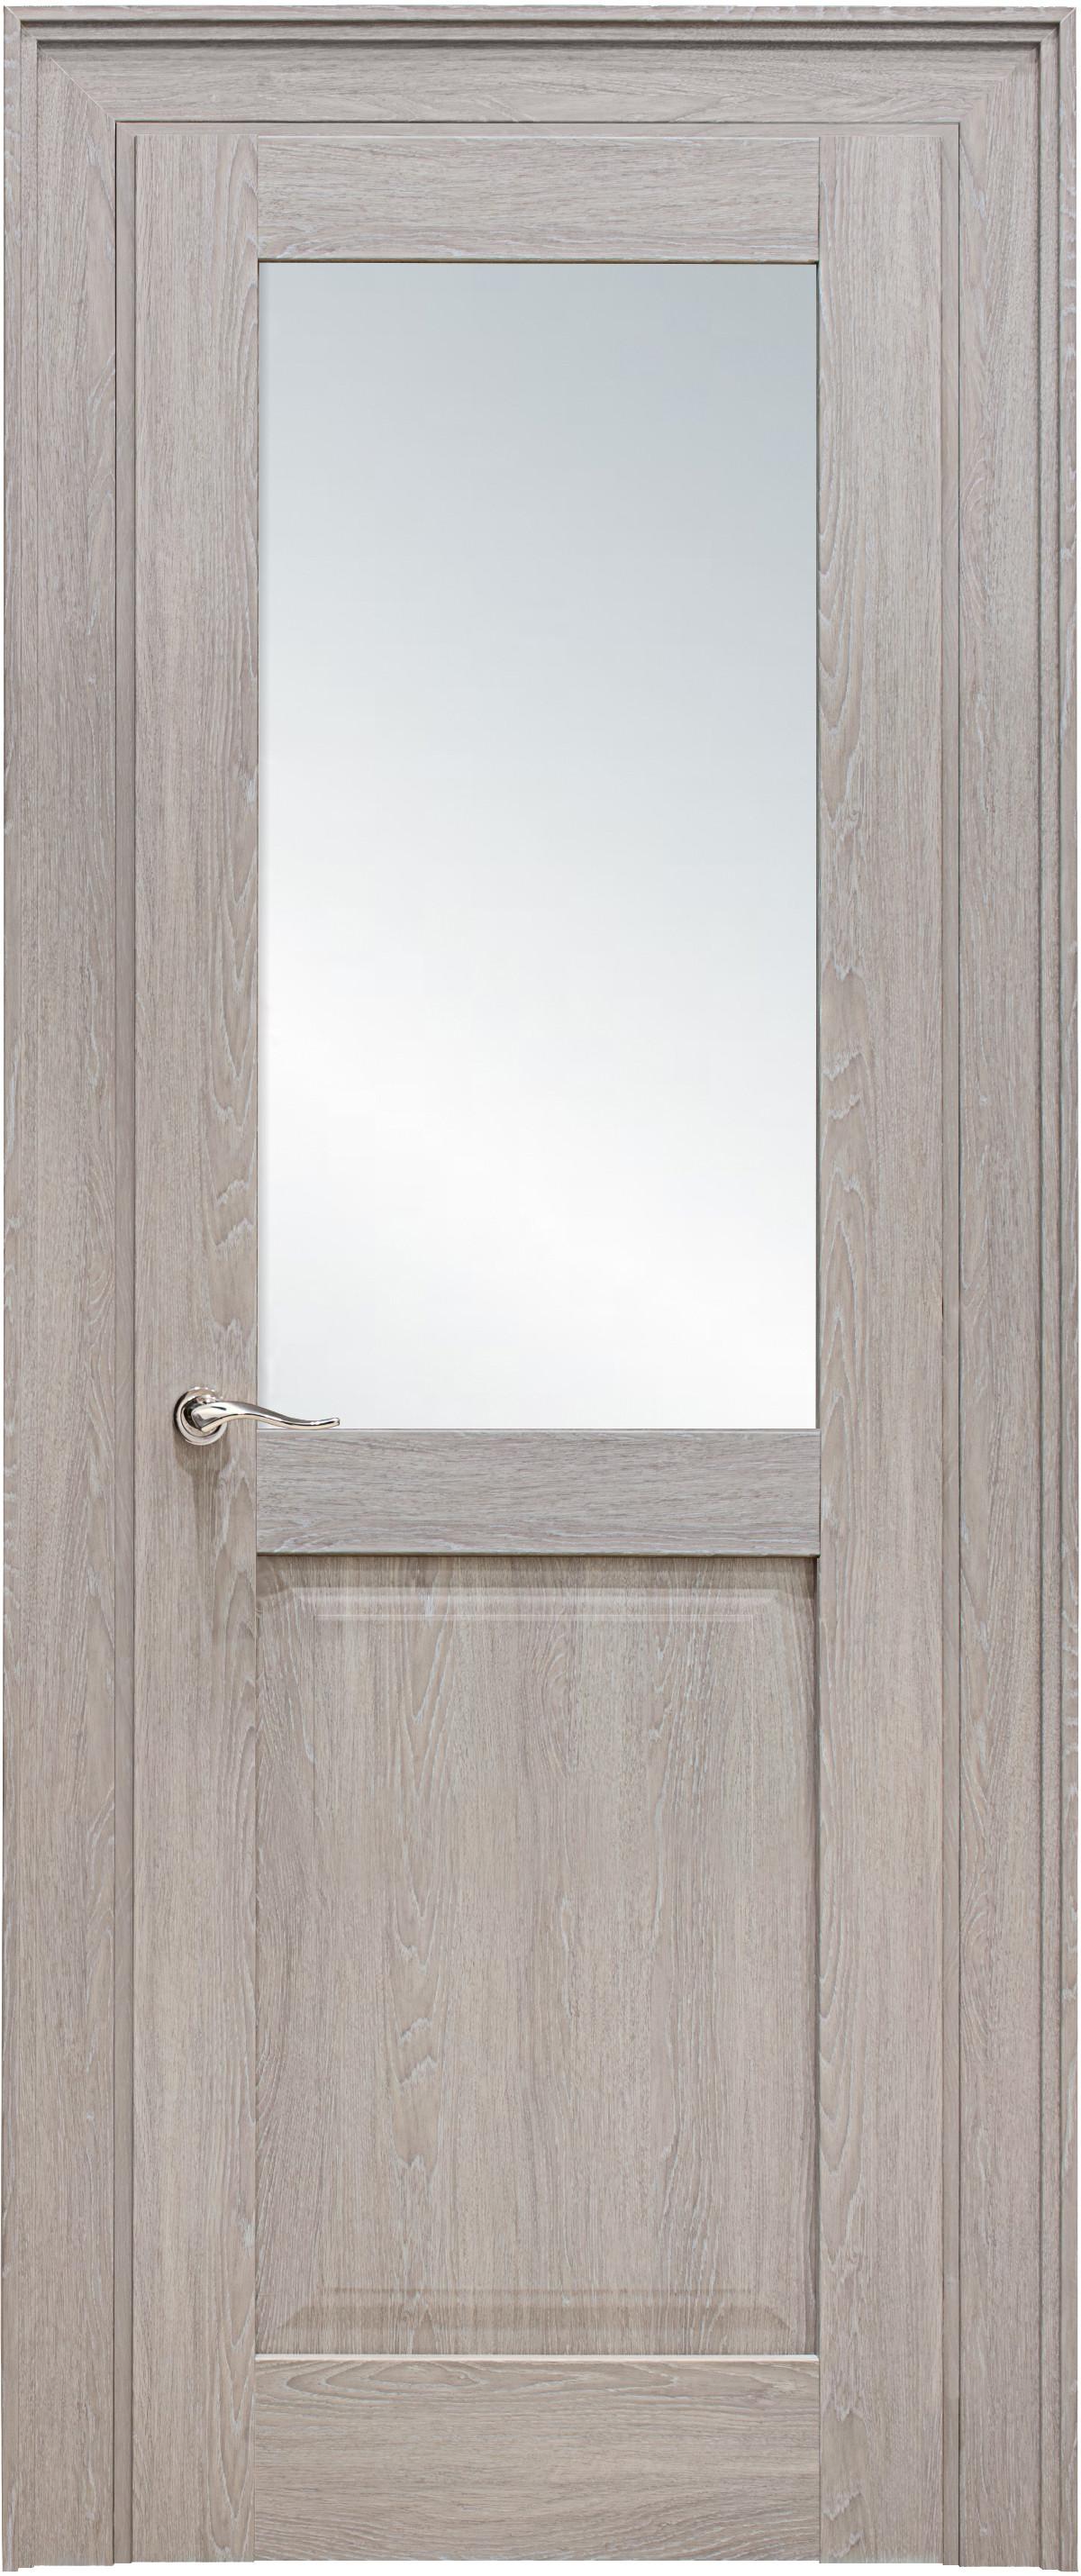 door71